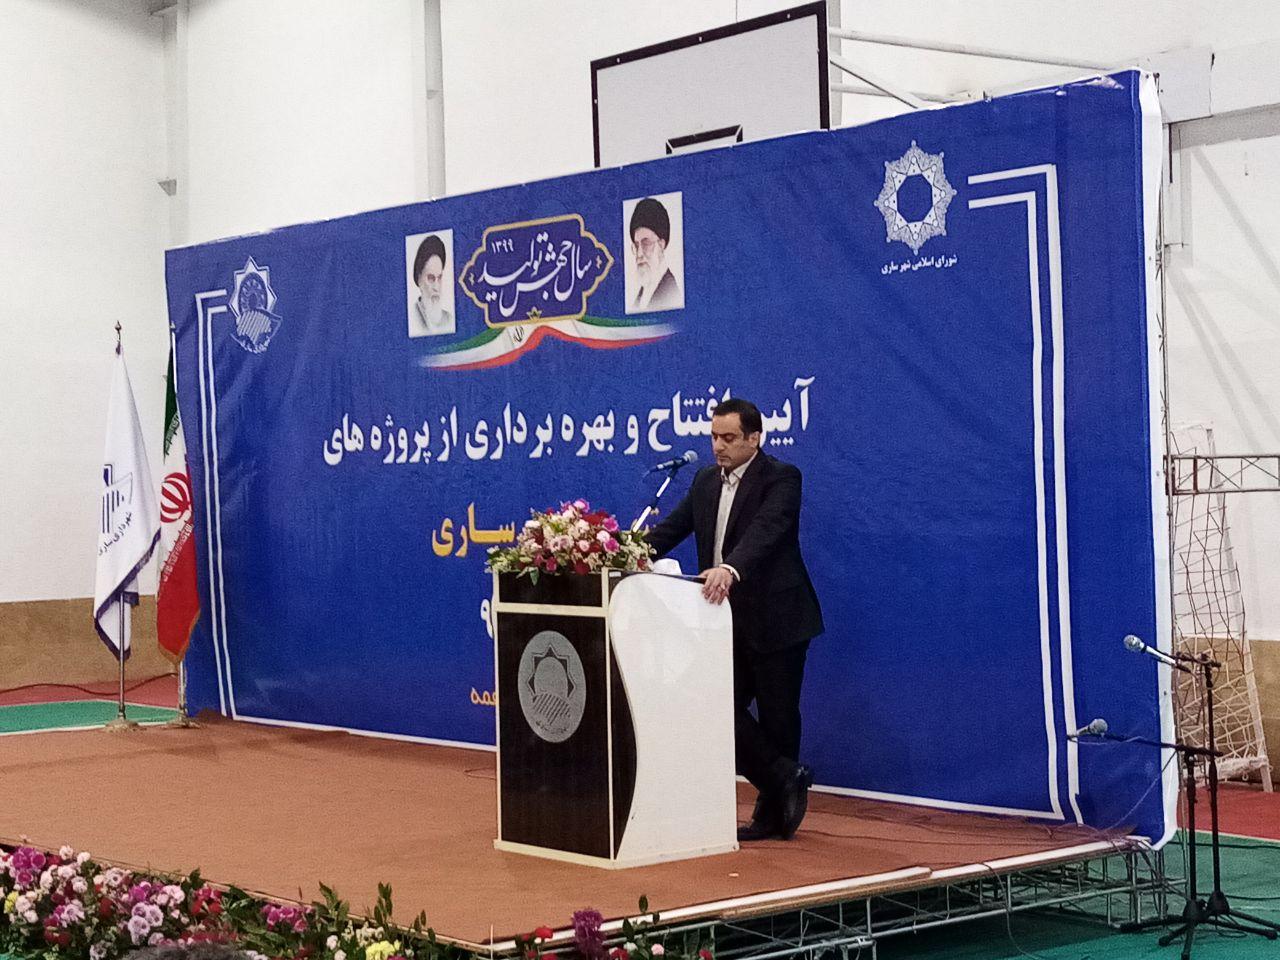 شهردار ساری: با افتتاح زباله سوز امیدوارم بتوانیم مشکل مردم محترم چهاردانگه حل کنیم